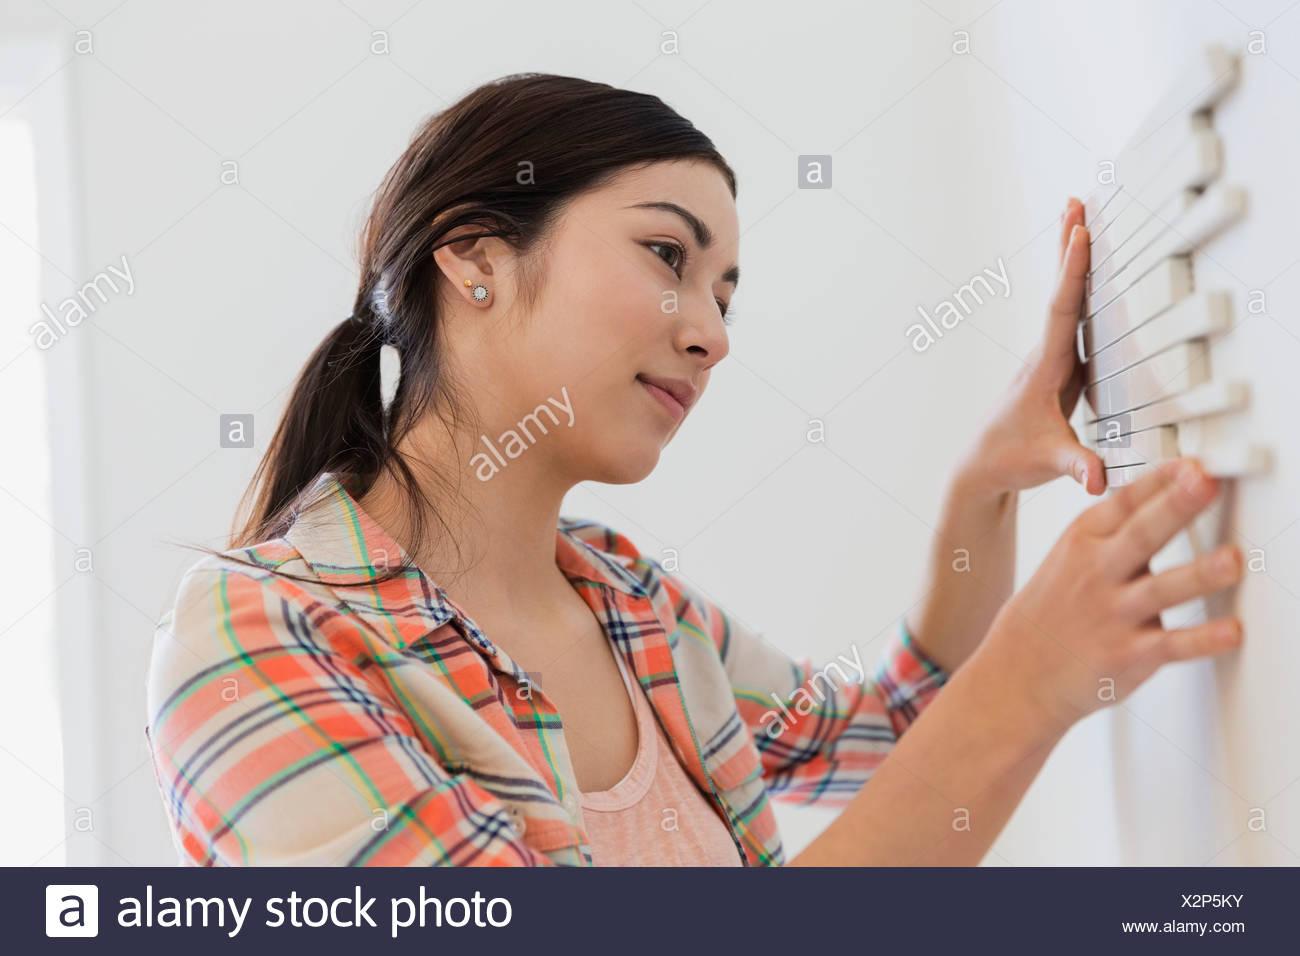 Mujer joven decorando paredes con azulejos en casa Imagen De Stock